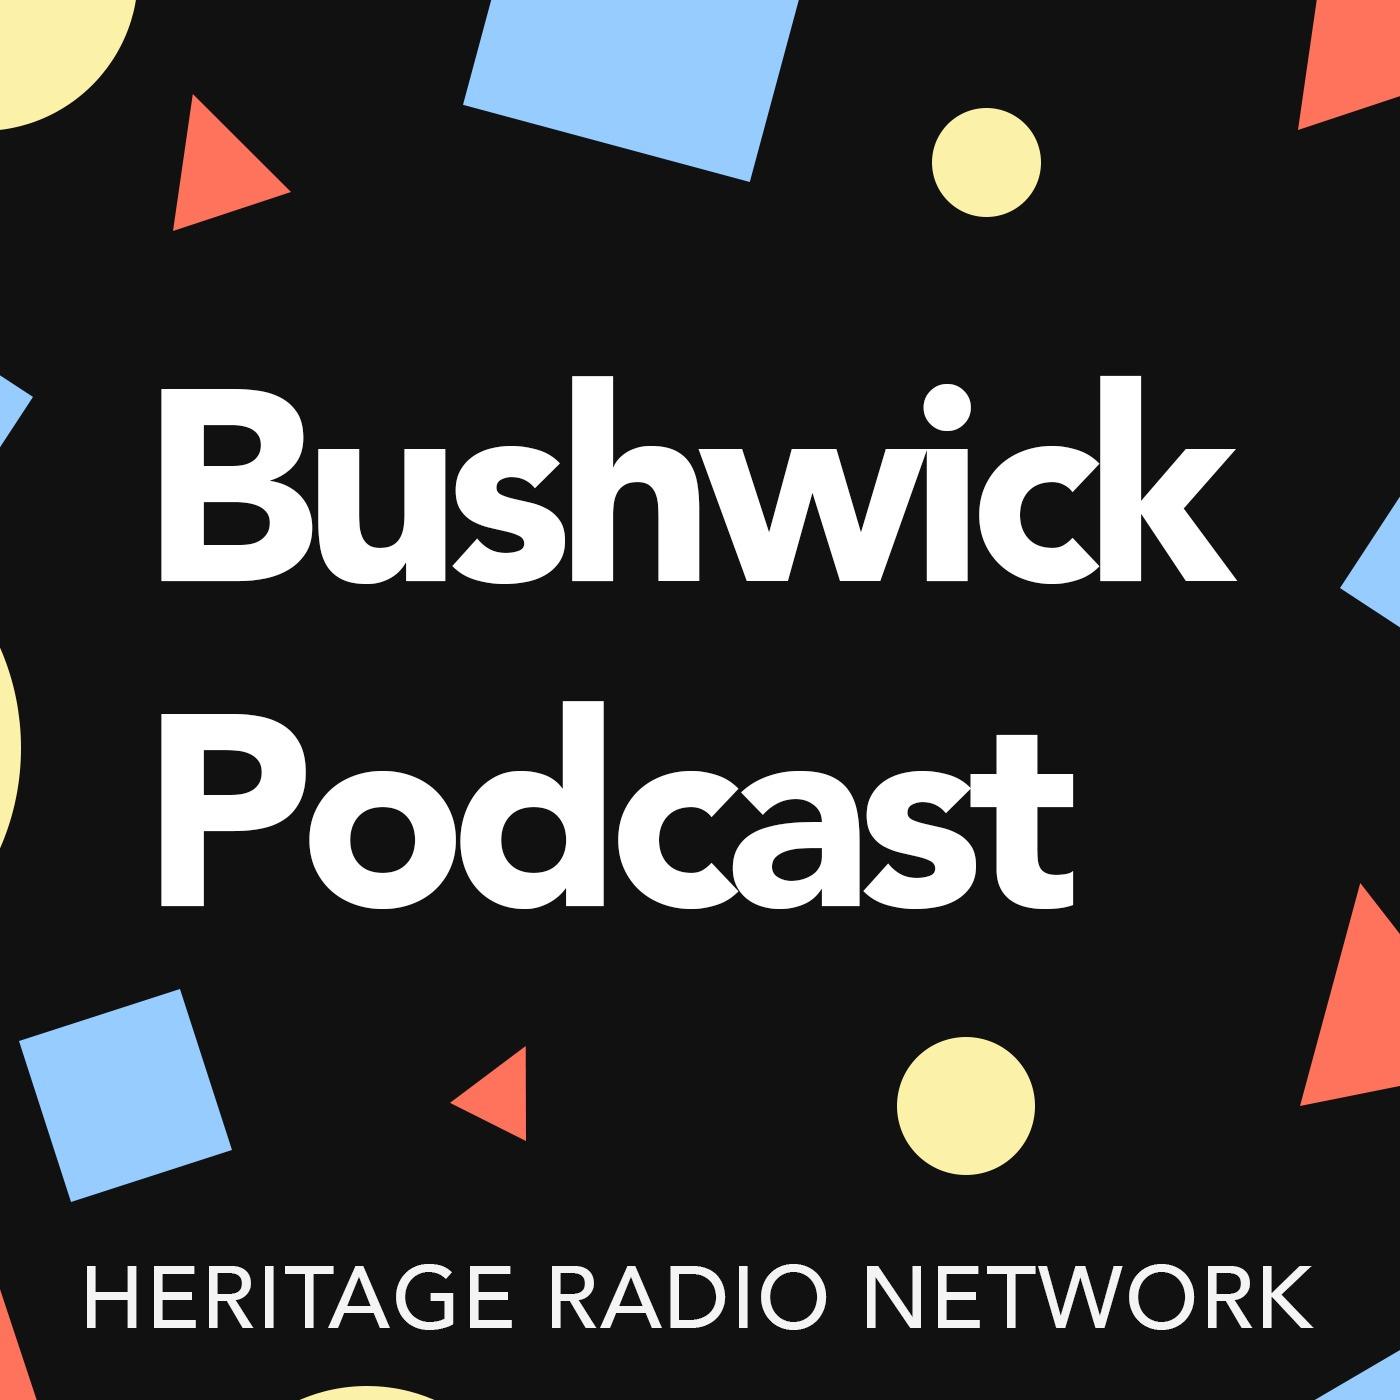 The Battle 4 Bushwick